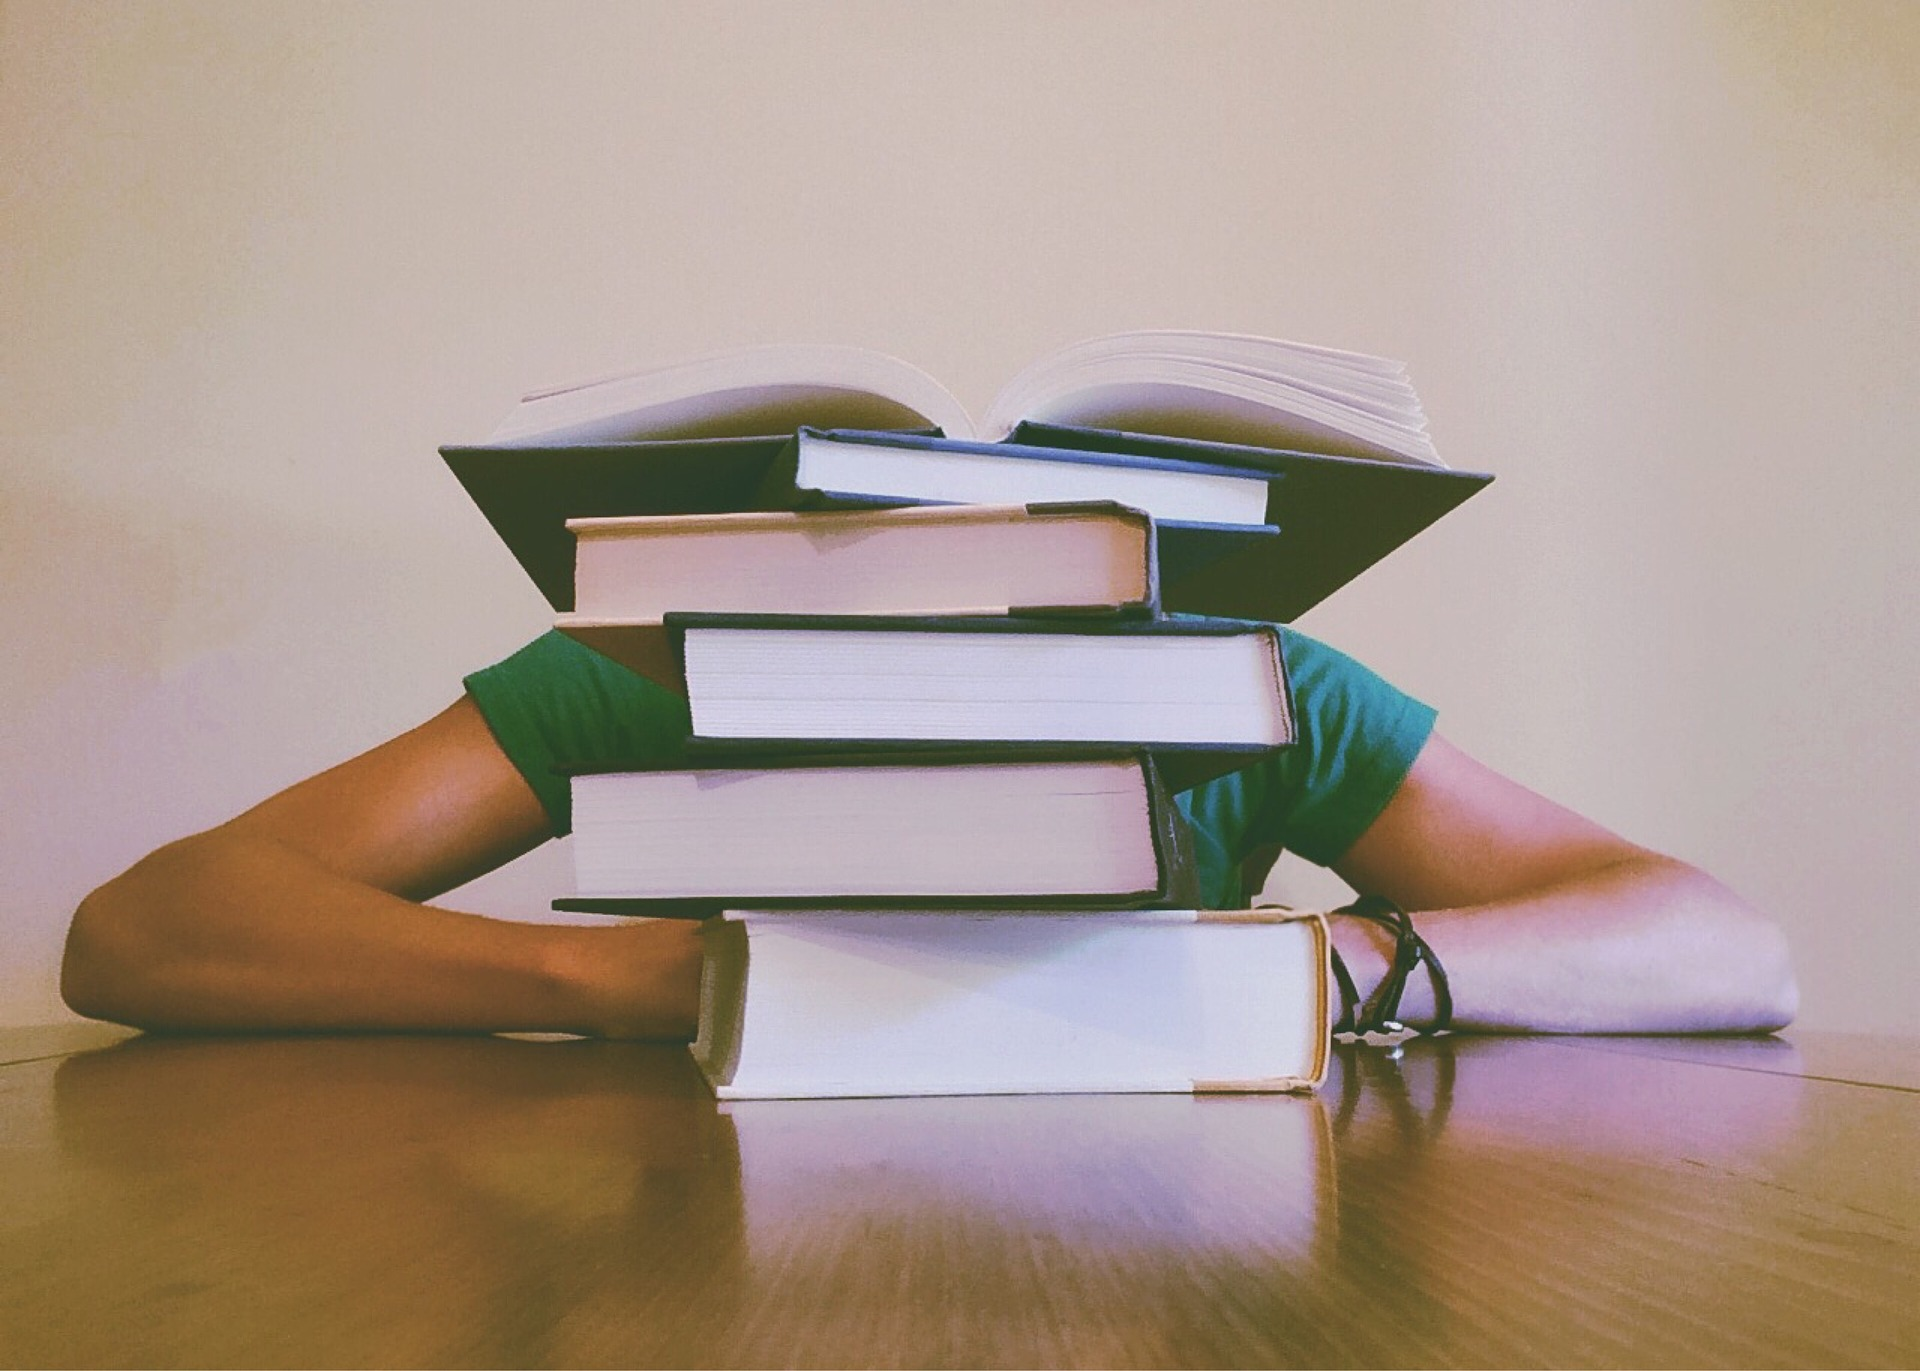 fracaso escolar por la adolescencia